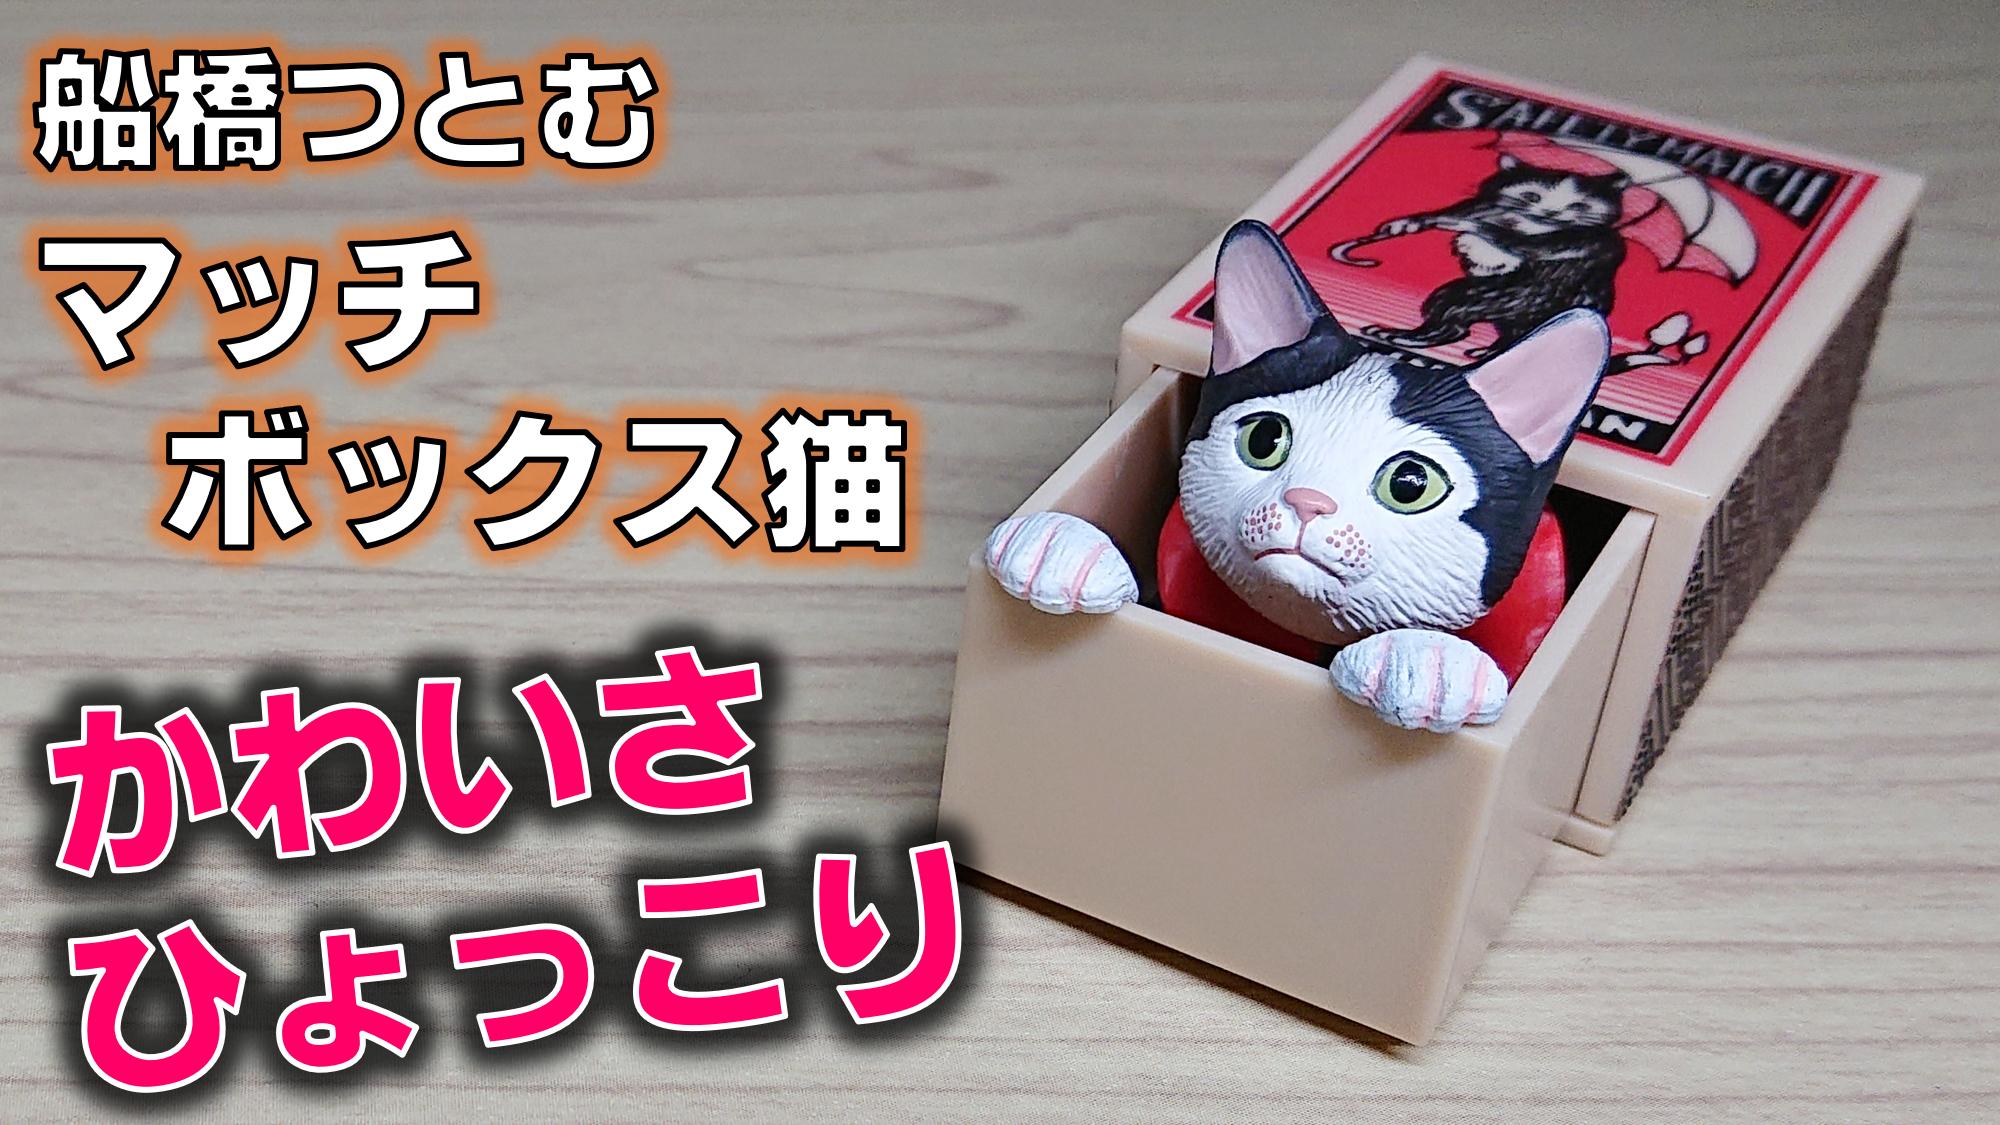 マッチボックス猫_アイキャッチ